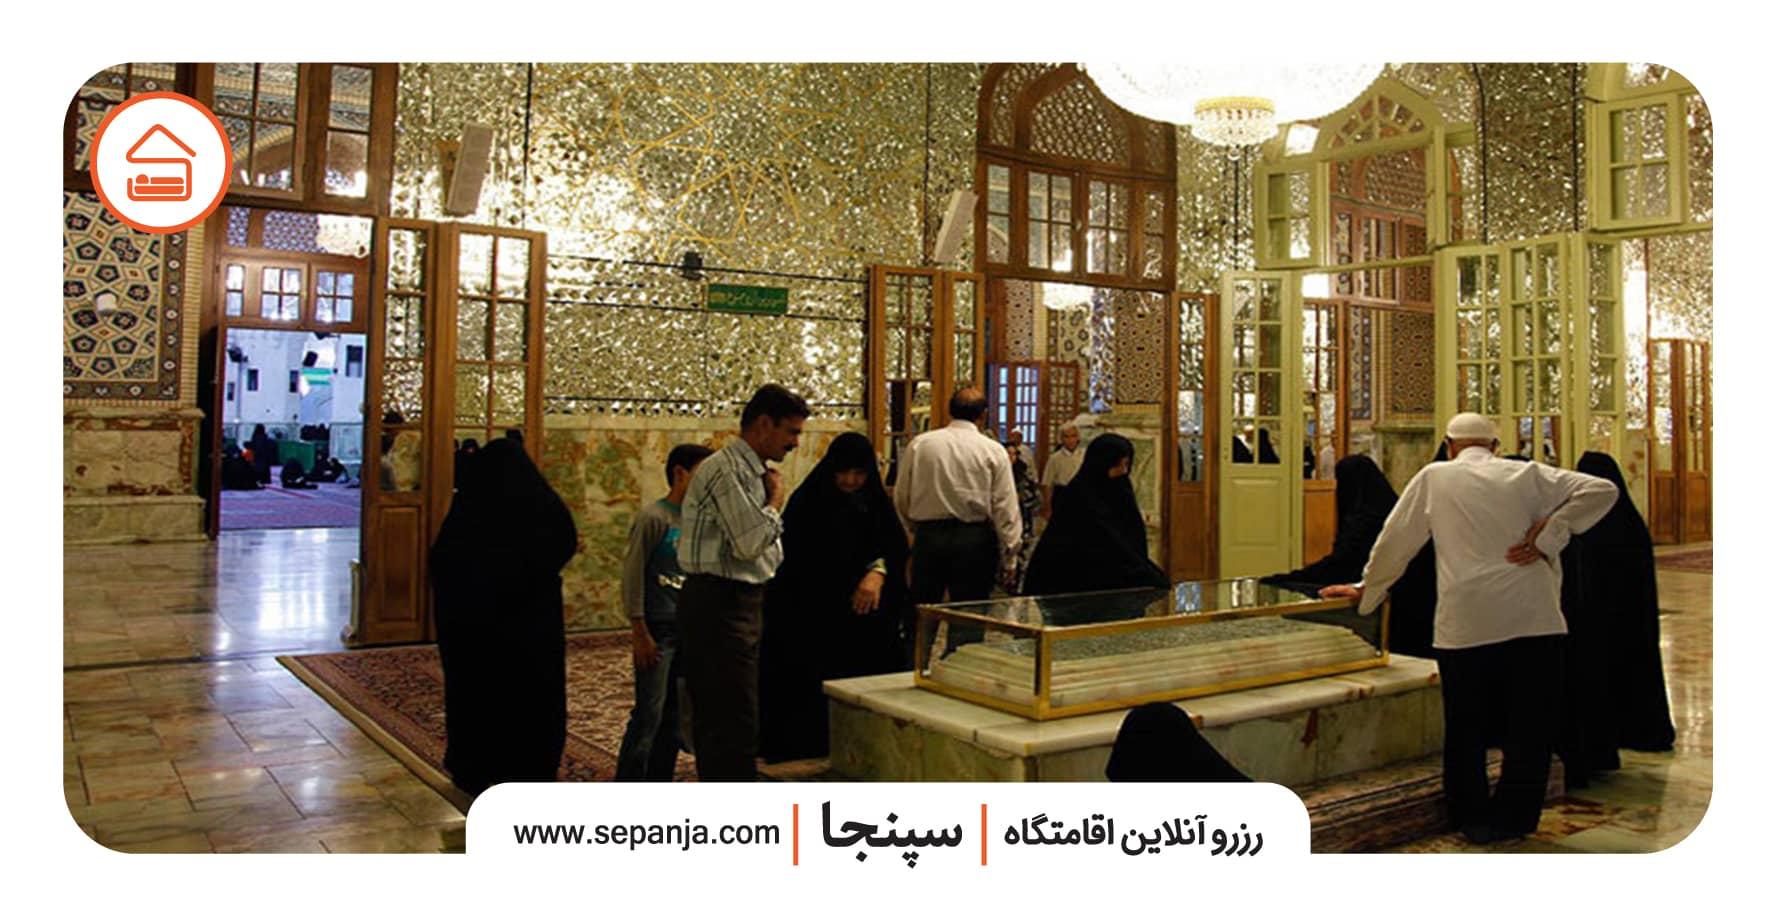 مقبره بزرگان در حرم امام رضا